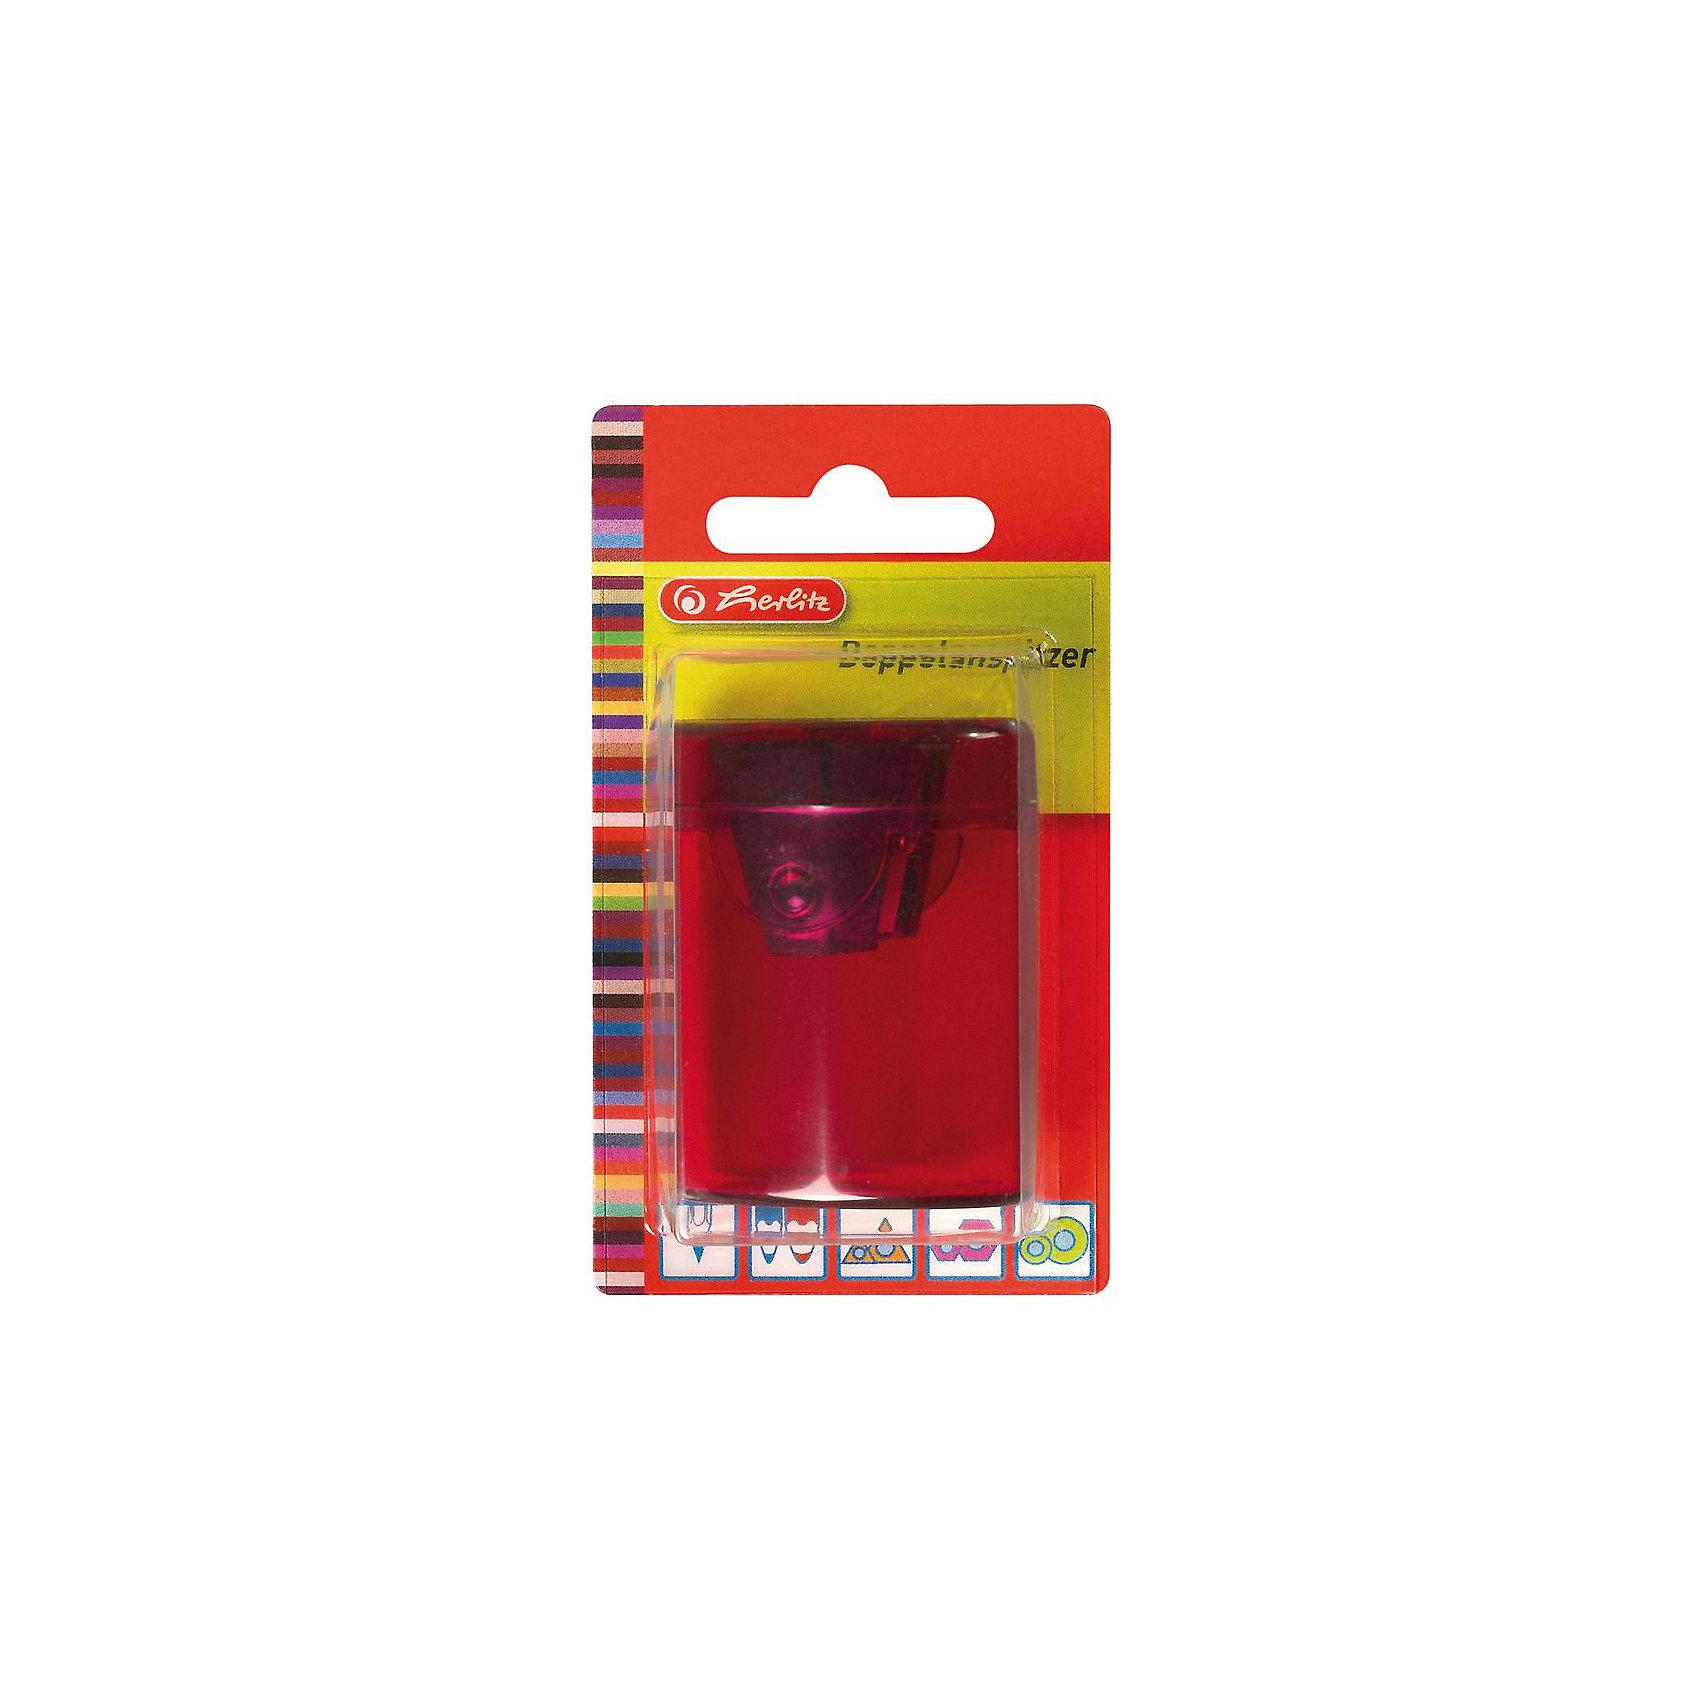 Herlitz Точилка-бочонок, 2 отверстия, пластиковый корпус, блистерКанцтовары для первоклассников<br>Характеристики:<br><br>• возраст: от 3 лет<br>• цвет в ассортименте<br>• количество отверстий: 2<br>• материал корпуса: пластик<br>• материал лезвия: металл<br>• размер: 4,5х4х4 см.<br>• упаковка: блистер<br>• размер упаковки: 11х8х5 см.<br>• ВНИМАНИЕ! Данный артикул представлен в разных вариантах исполнения. К сожалению, заранее выбрать определенный вариант невозможно. При заказе нескольких точилок возможно получение одинаковых<br><br>Точилка-бочонок с 2 отверстиями от Herlitz (Херлиц), выполненная из пластика предназначена для заточки карандашей диаметром 8 мм и 11 мм. Точилка снабжена металлическими лезвиями высокого качества. Имеется контейнер для стружки.<br><br>Herlitz Точилку-бочонок, 2 отверстия, пластиковый корпус, блистер можно купить в нашем интернет-магазине.<br><br>Ширина мм: 350<br>Глубина мм: 64<br>Высота мм: 11<br>Вес г: 0<br>Возраст от месяцев: 36<br>Возраст до месяцев: 2147483647<br>Пол: Унисекс<br>Возраст: Детский<br>SKU: 6892630